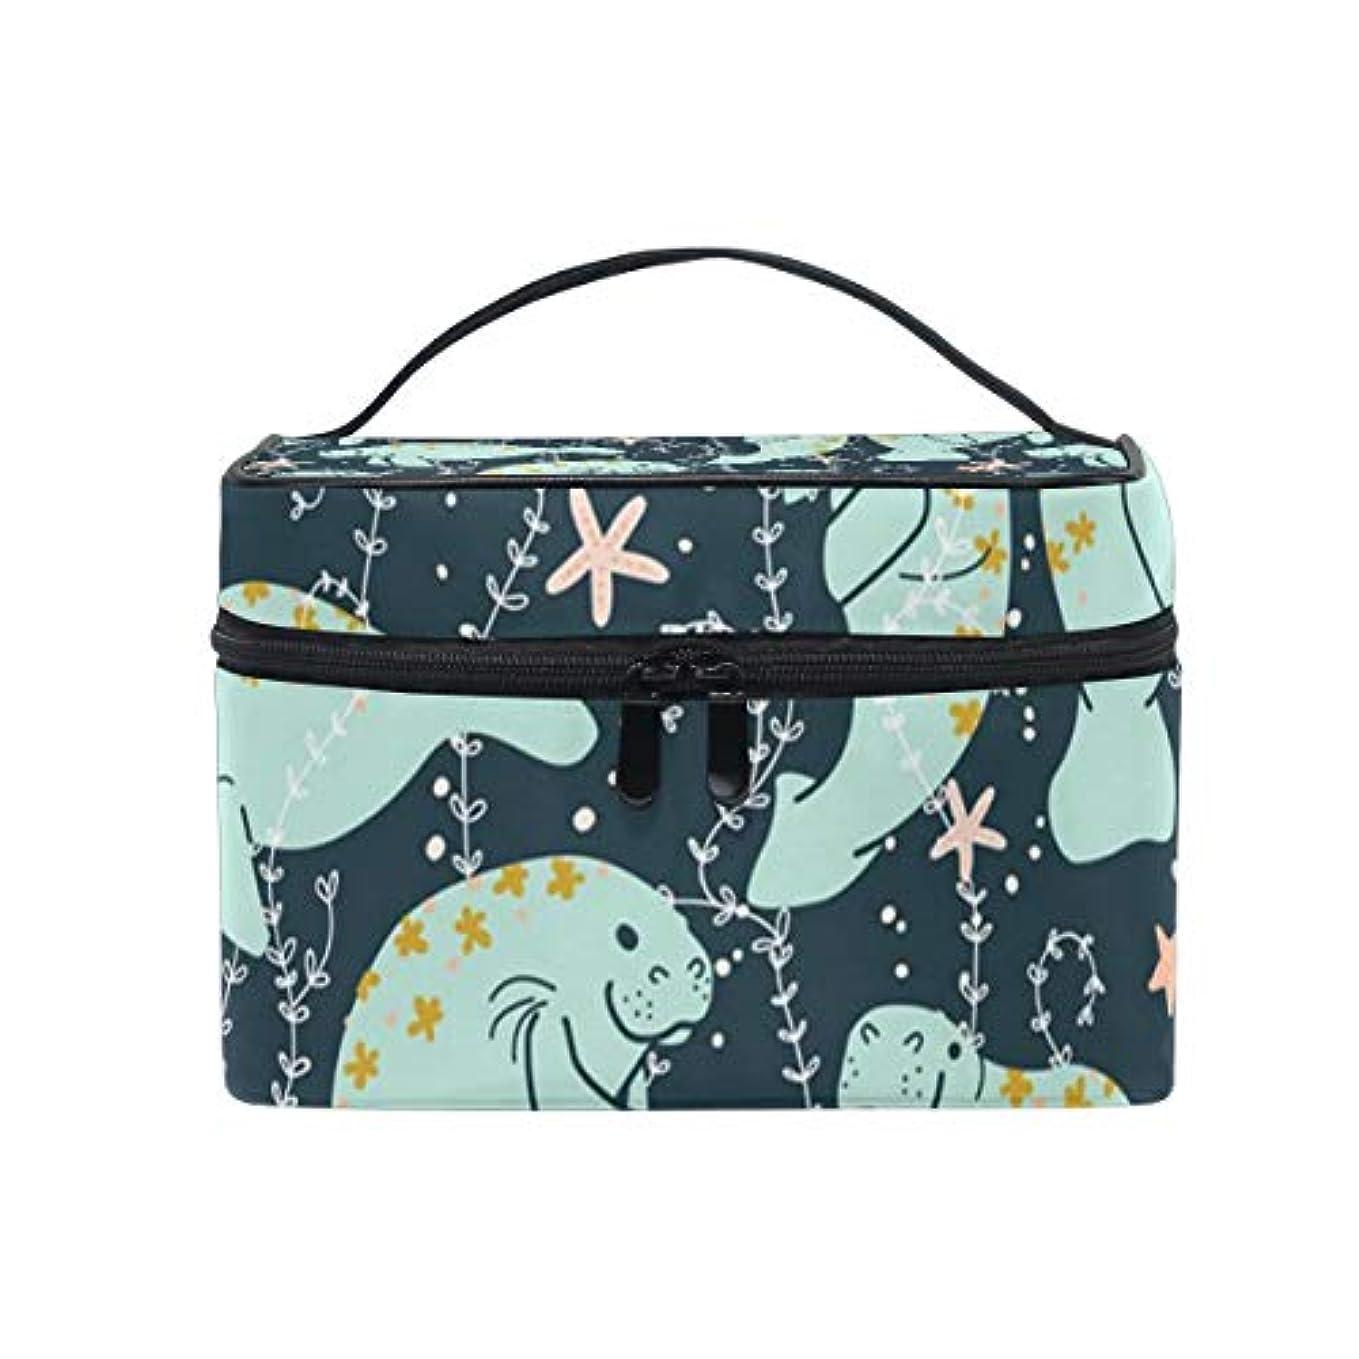 メイクポーチ 可愛い ジュゴン 化粧ポーチ 化粧箱 バニティポーチ コスメポーチ 化粧品 収納 雑貨 小物入れ 女性 超軽量 機能的 大容量